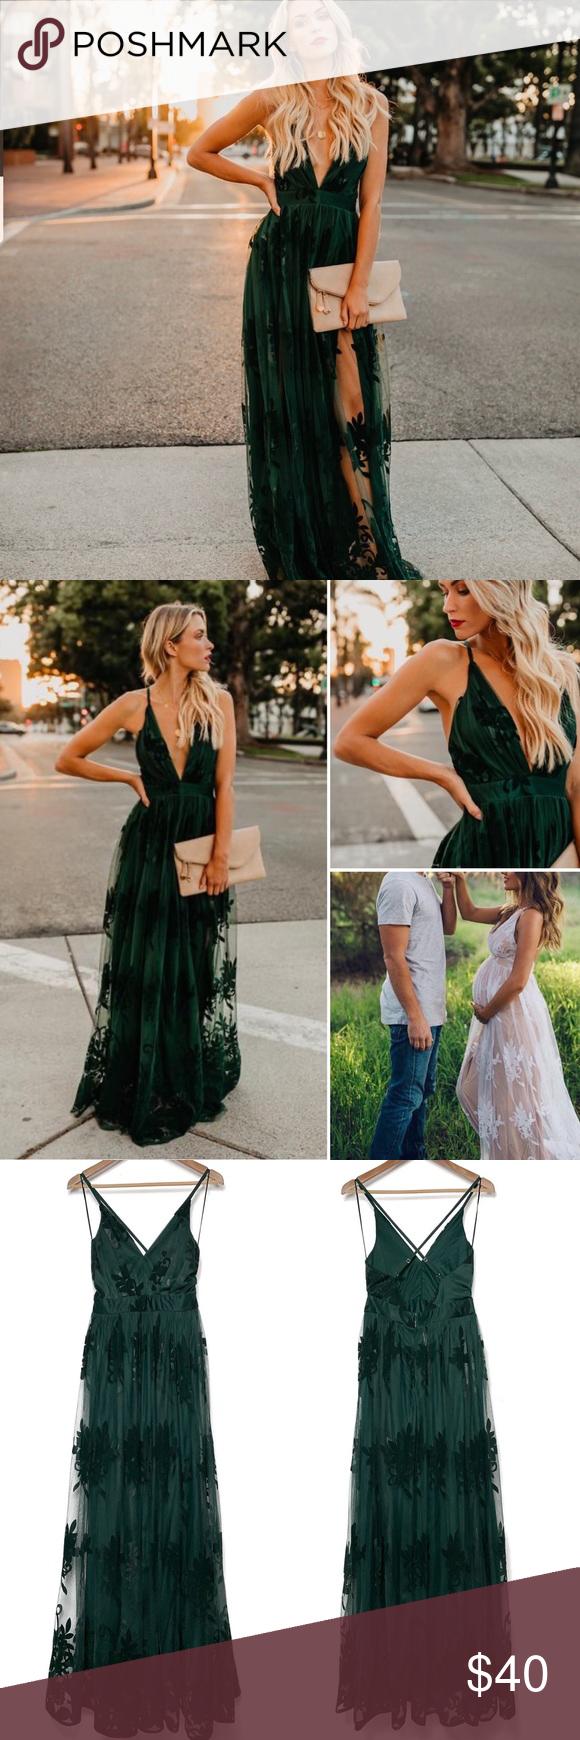 Vici Antonia Flocked Maxi Dress Hunter Green S Maxi Dress Dresses Maxi [ 1740 x 580 Pixel ]